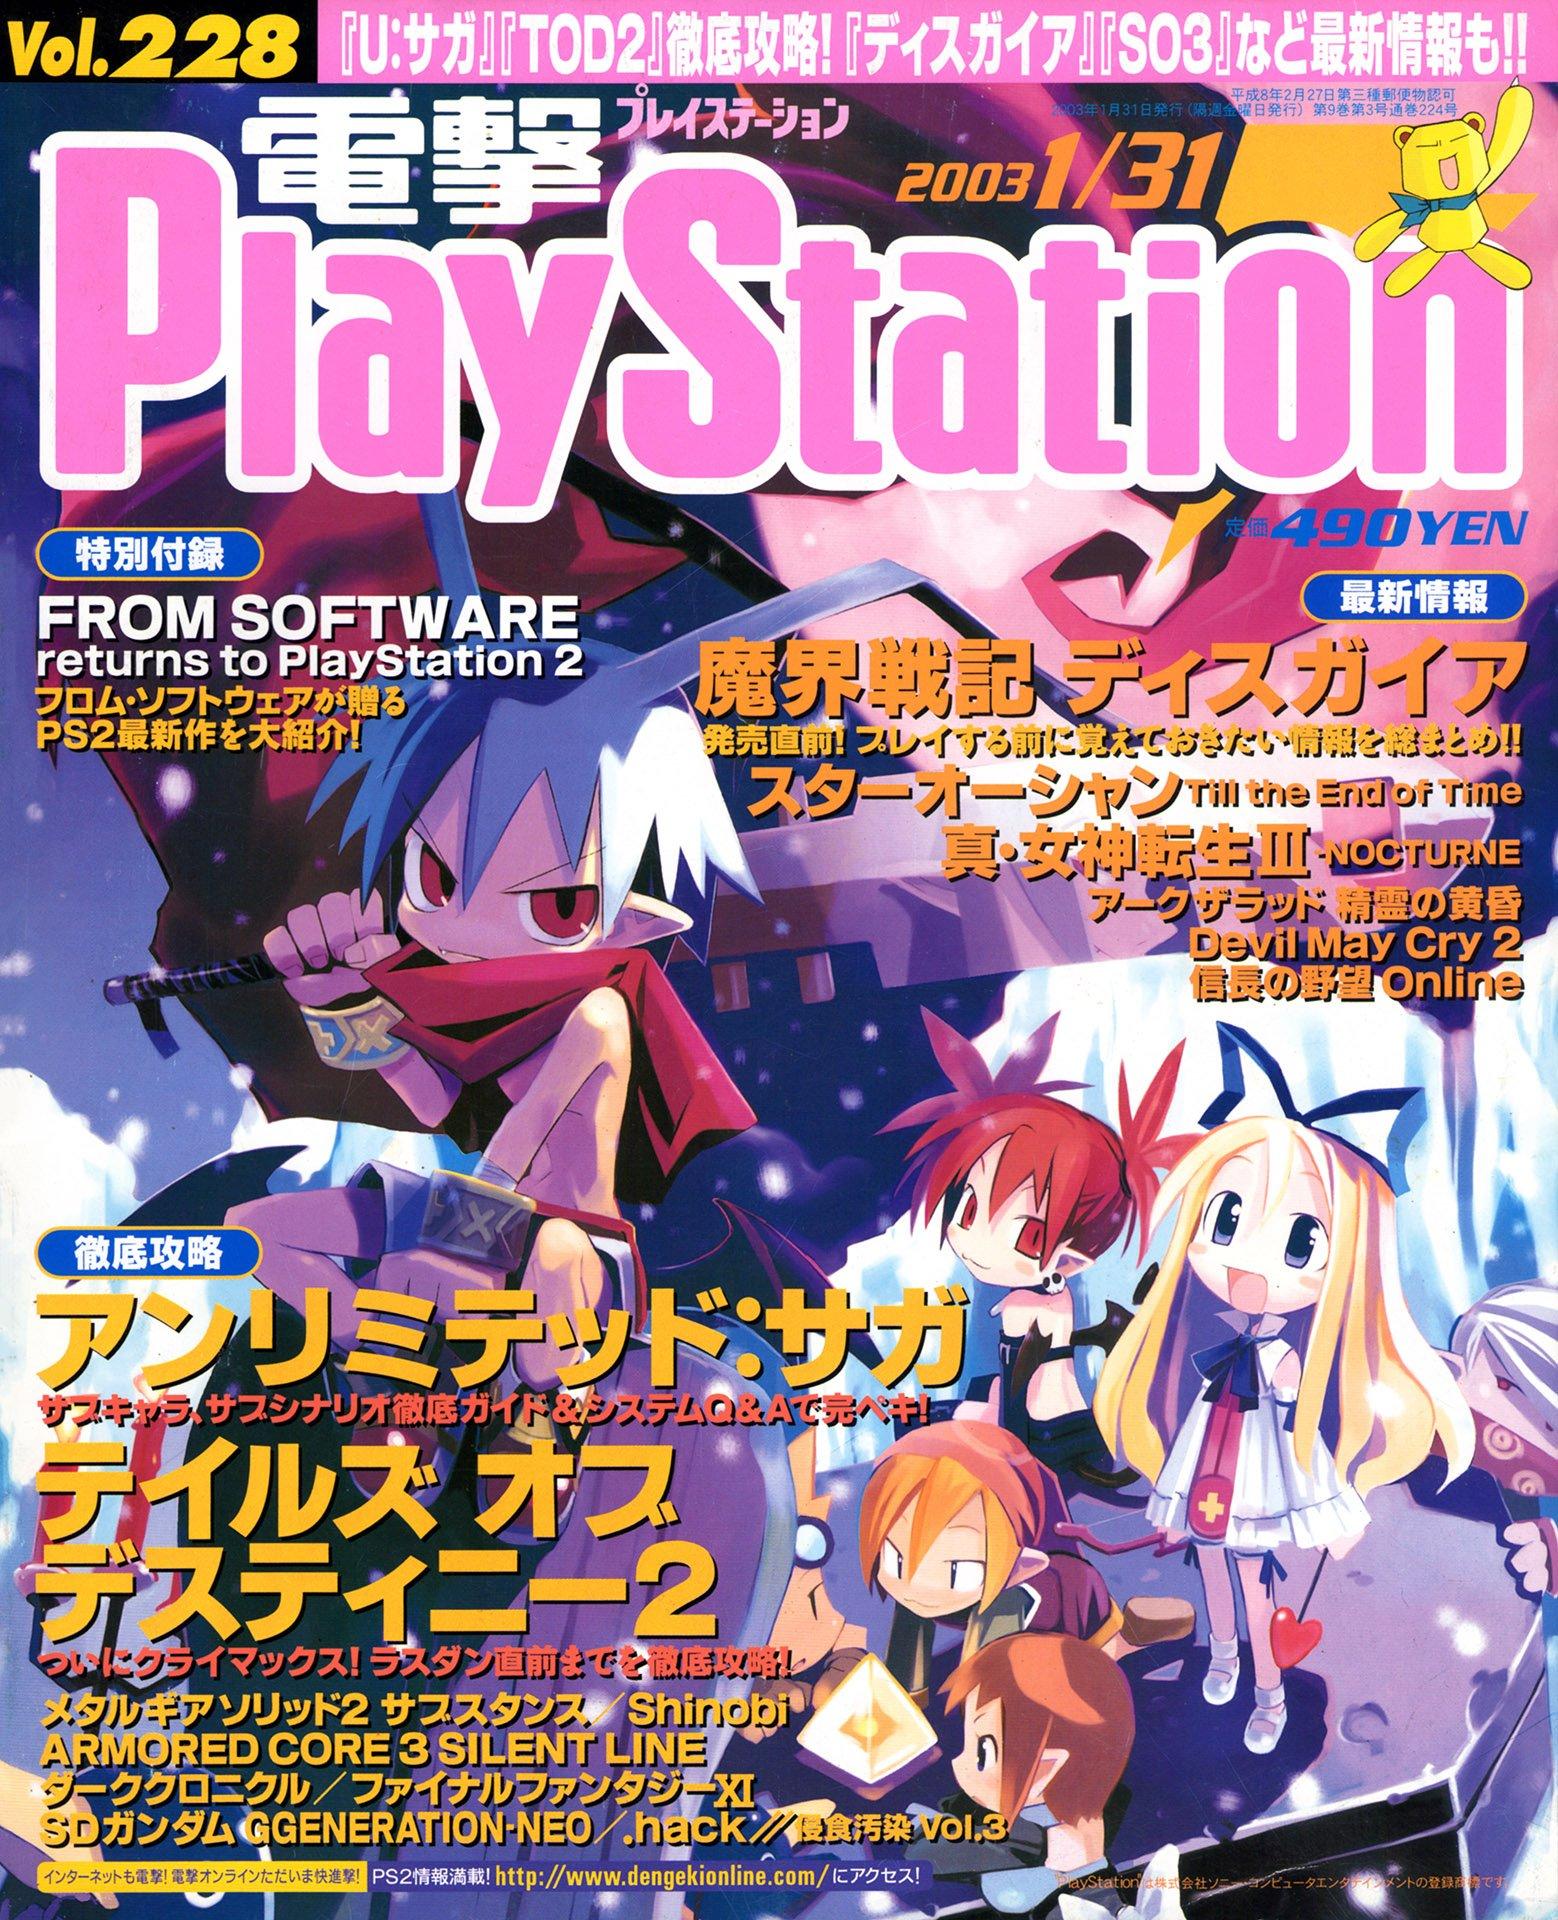 Dengeki PlayStation 228 (January 31, 2003)